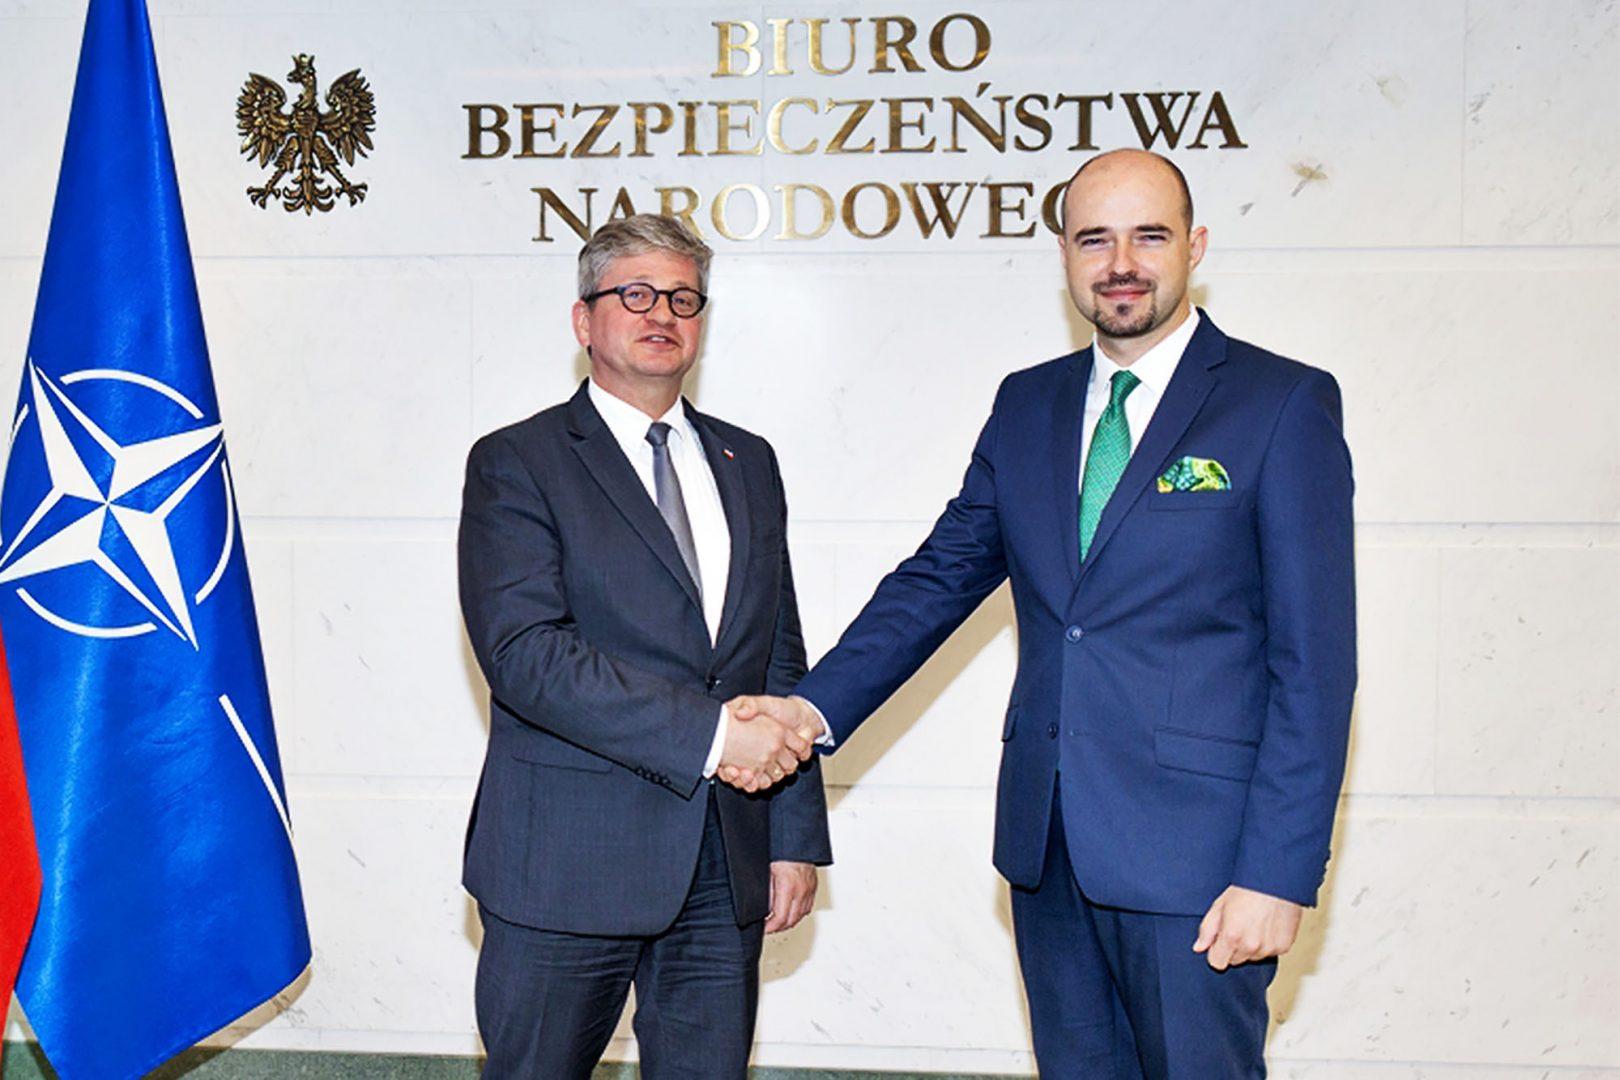 Aktualne działania BBN orazwspółpraca wramach Warsaw Security Forum były tematem spotkania przedstawicieli Fundacji Pułaskiego zMinistrem Pawłem Solochem